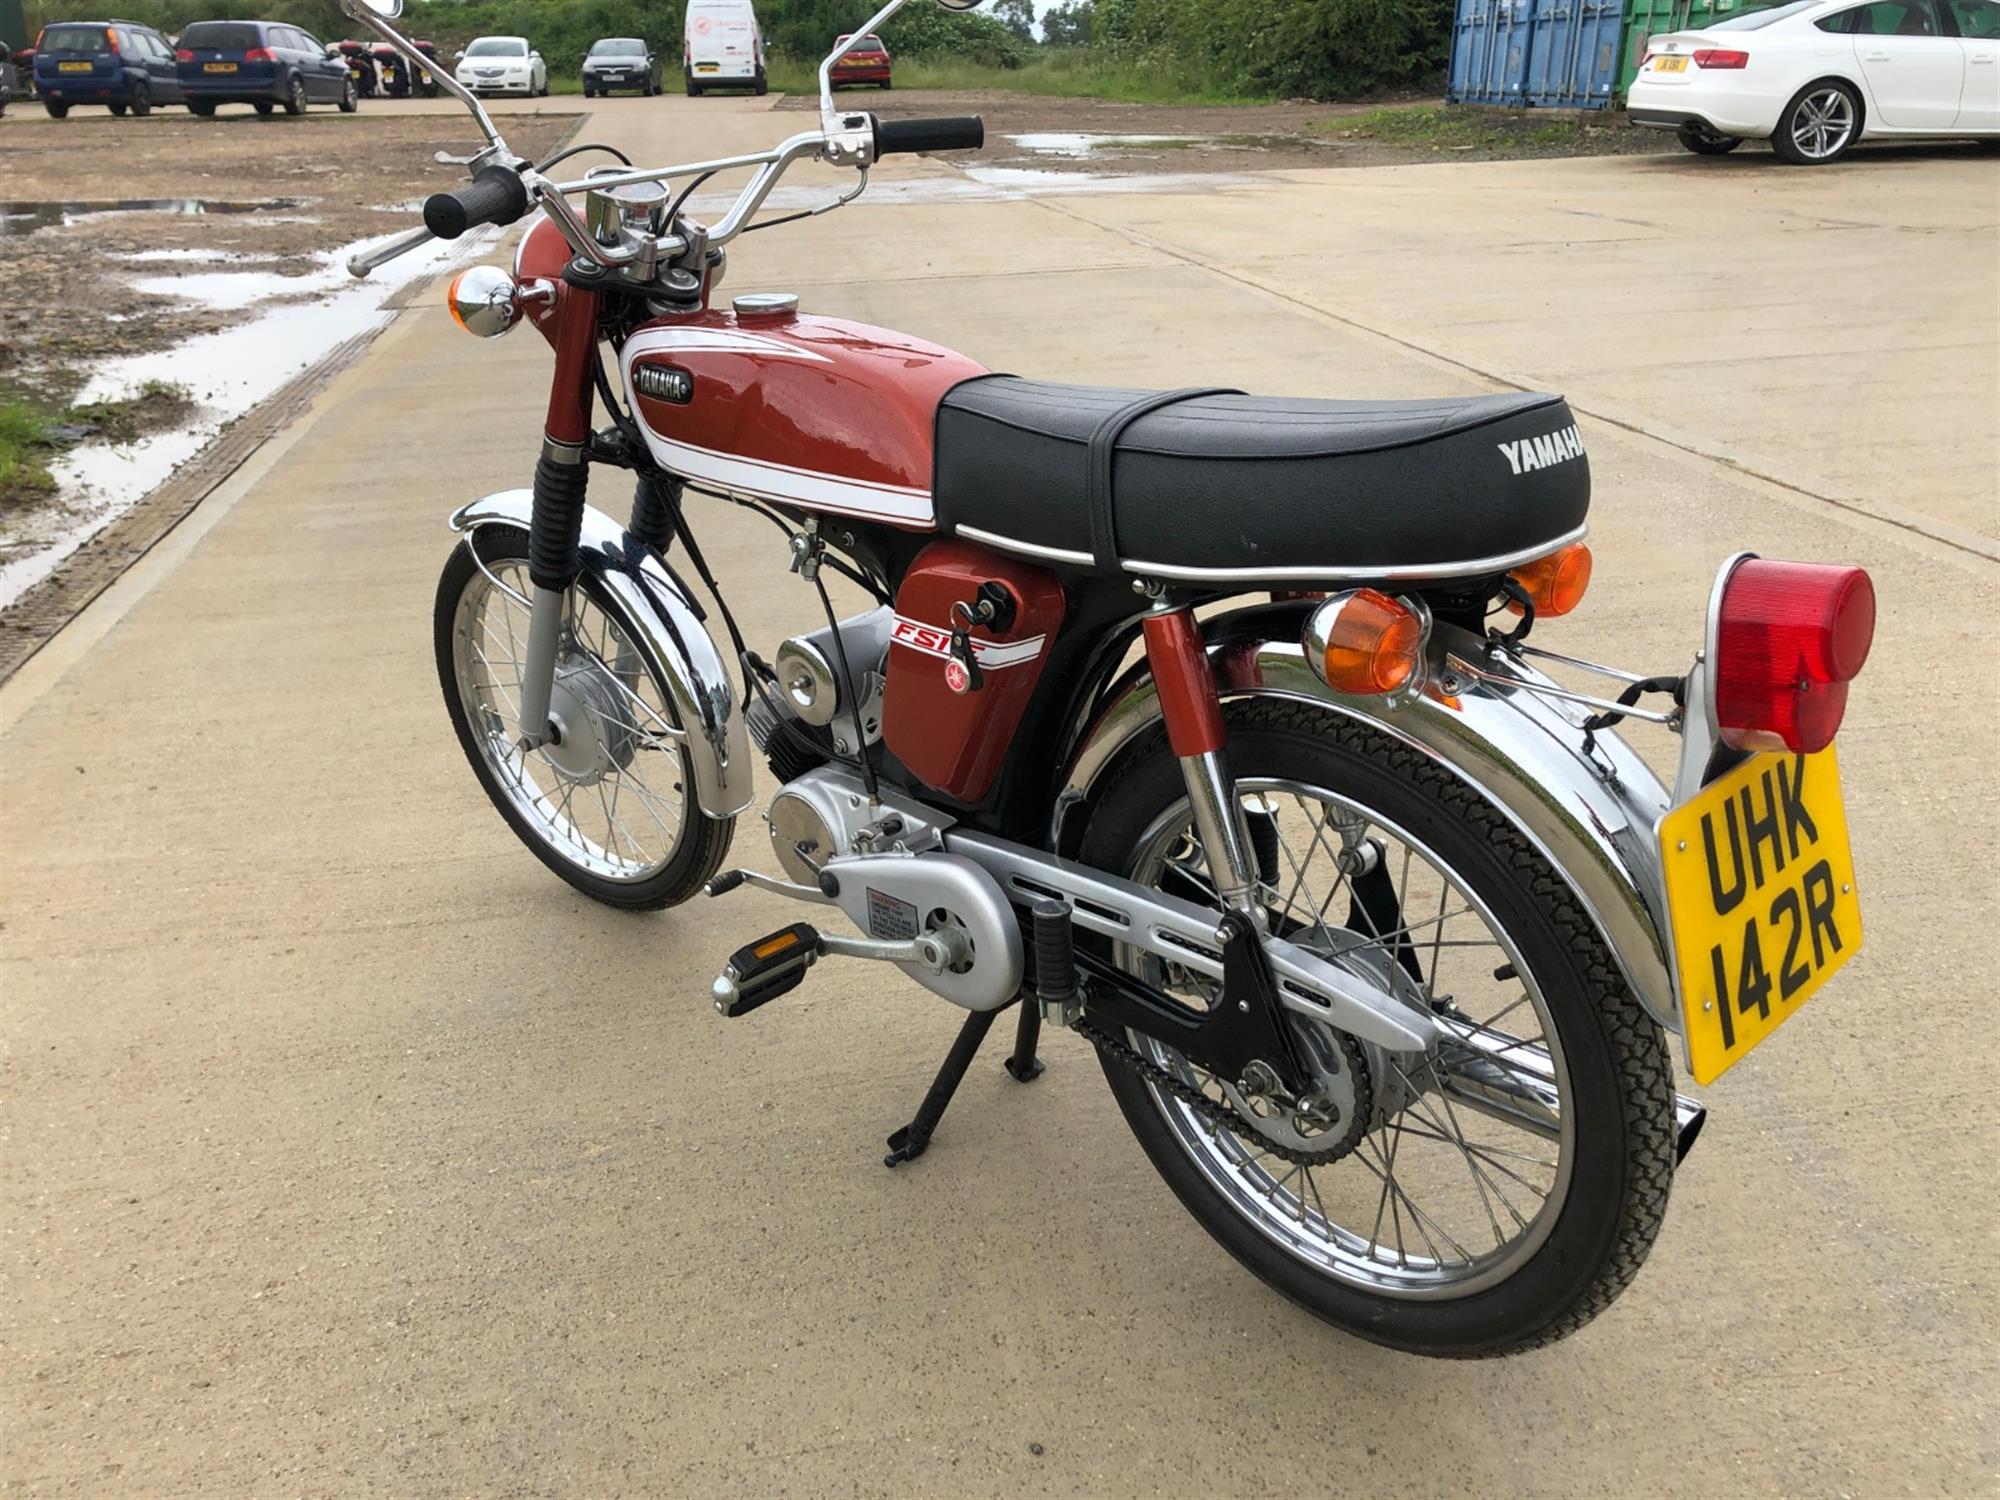 1977 Yamaha FS1-E - Image 4 of 8